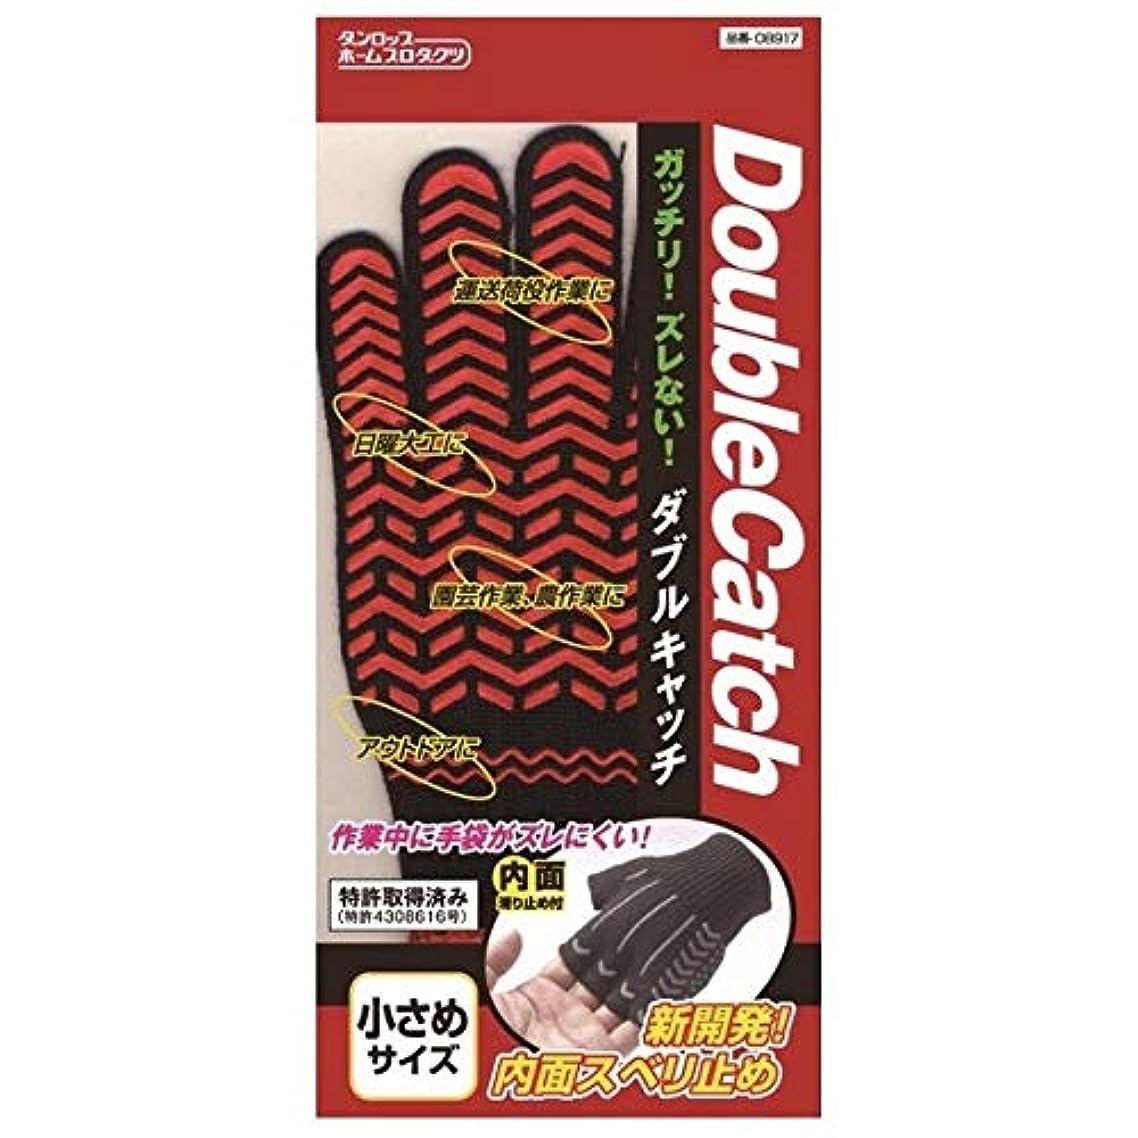 バブルニッケル許容できるダンロップ ダブルキャッチ 手袋 小さめサイズ レッド 10双×12袋(120双)